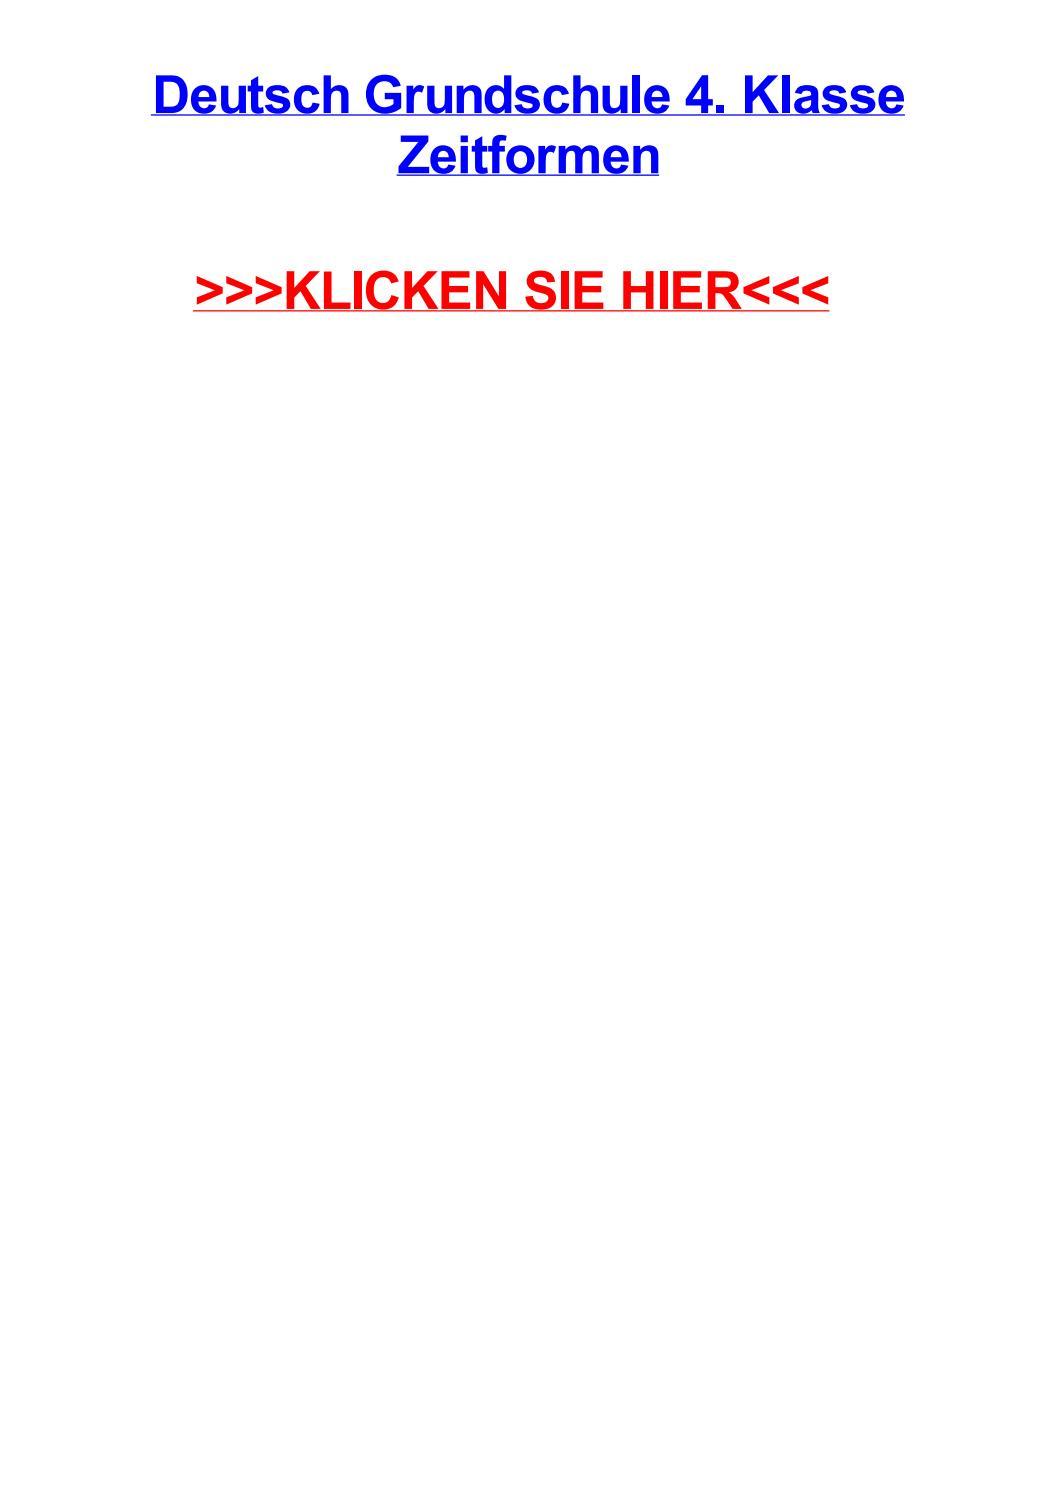 Deutsch grundschule 4 klasse zeitformen by katienuifk - issuu